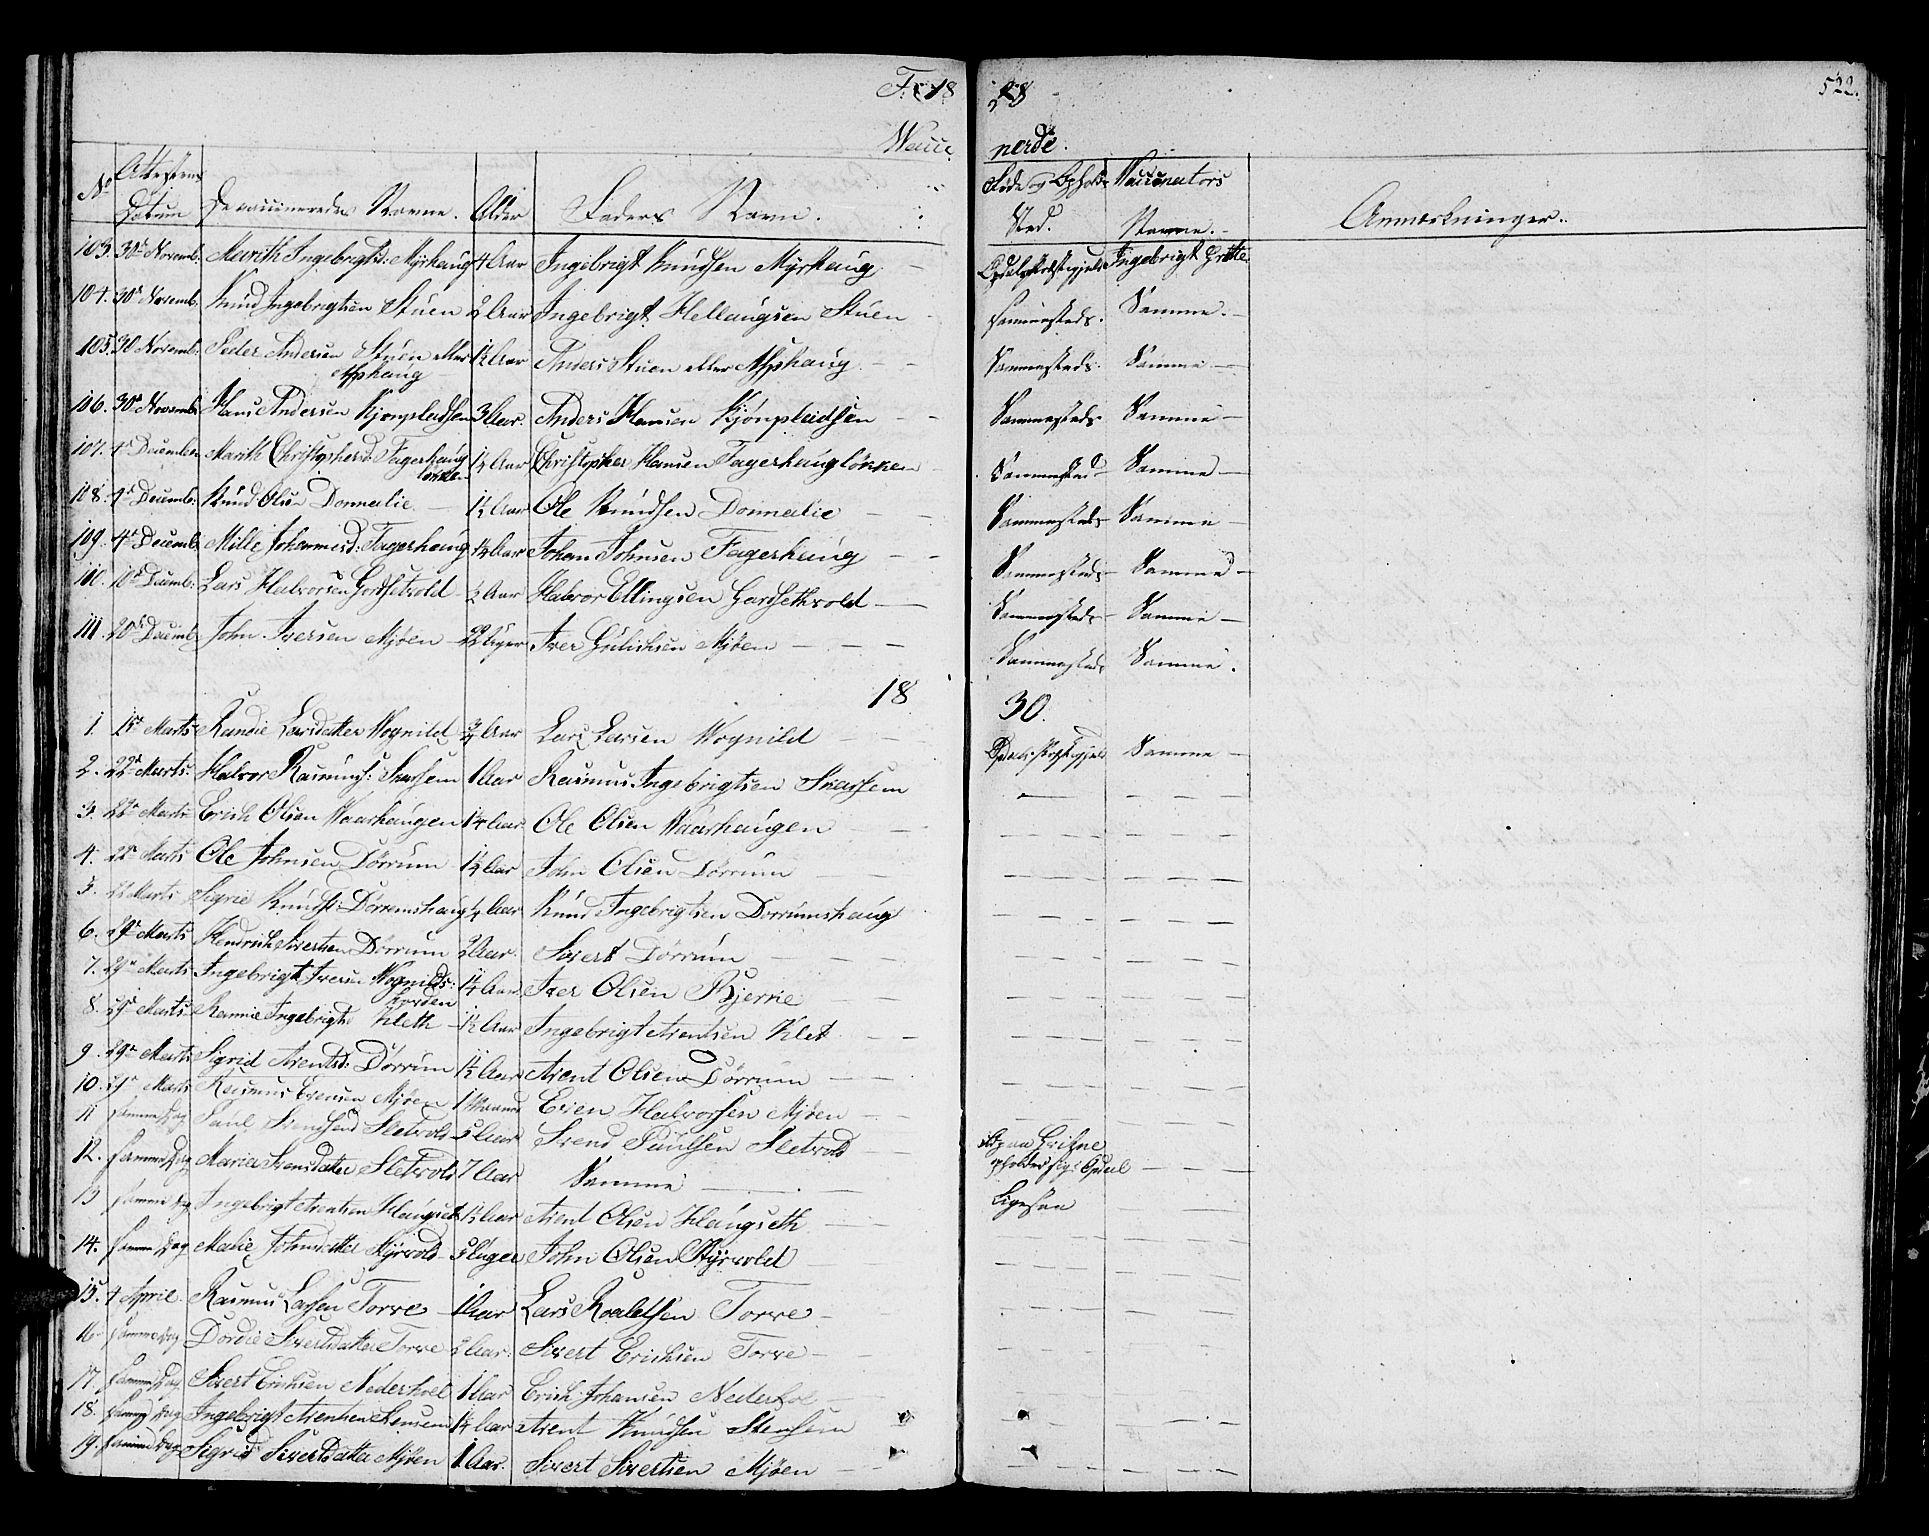 SAT, Ministerialprotokoller, klokkerbøker og fødselsregistre - Sør-Trøndelag, 678/L0897: Ministerialbok nr. 678A06-07, 1821-1847, s. 522